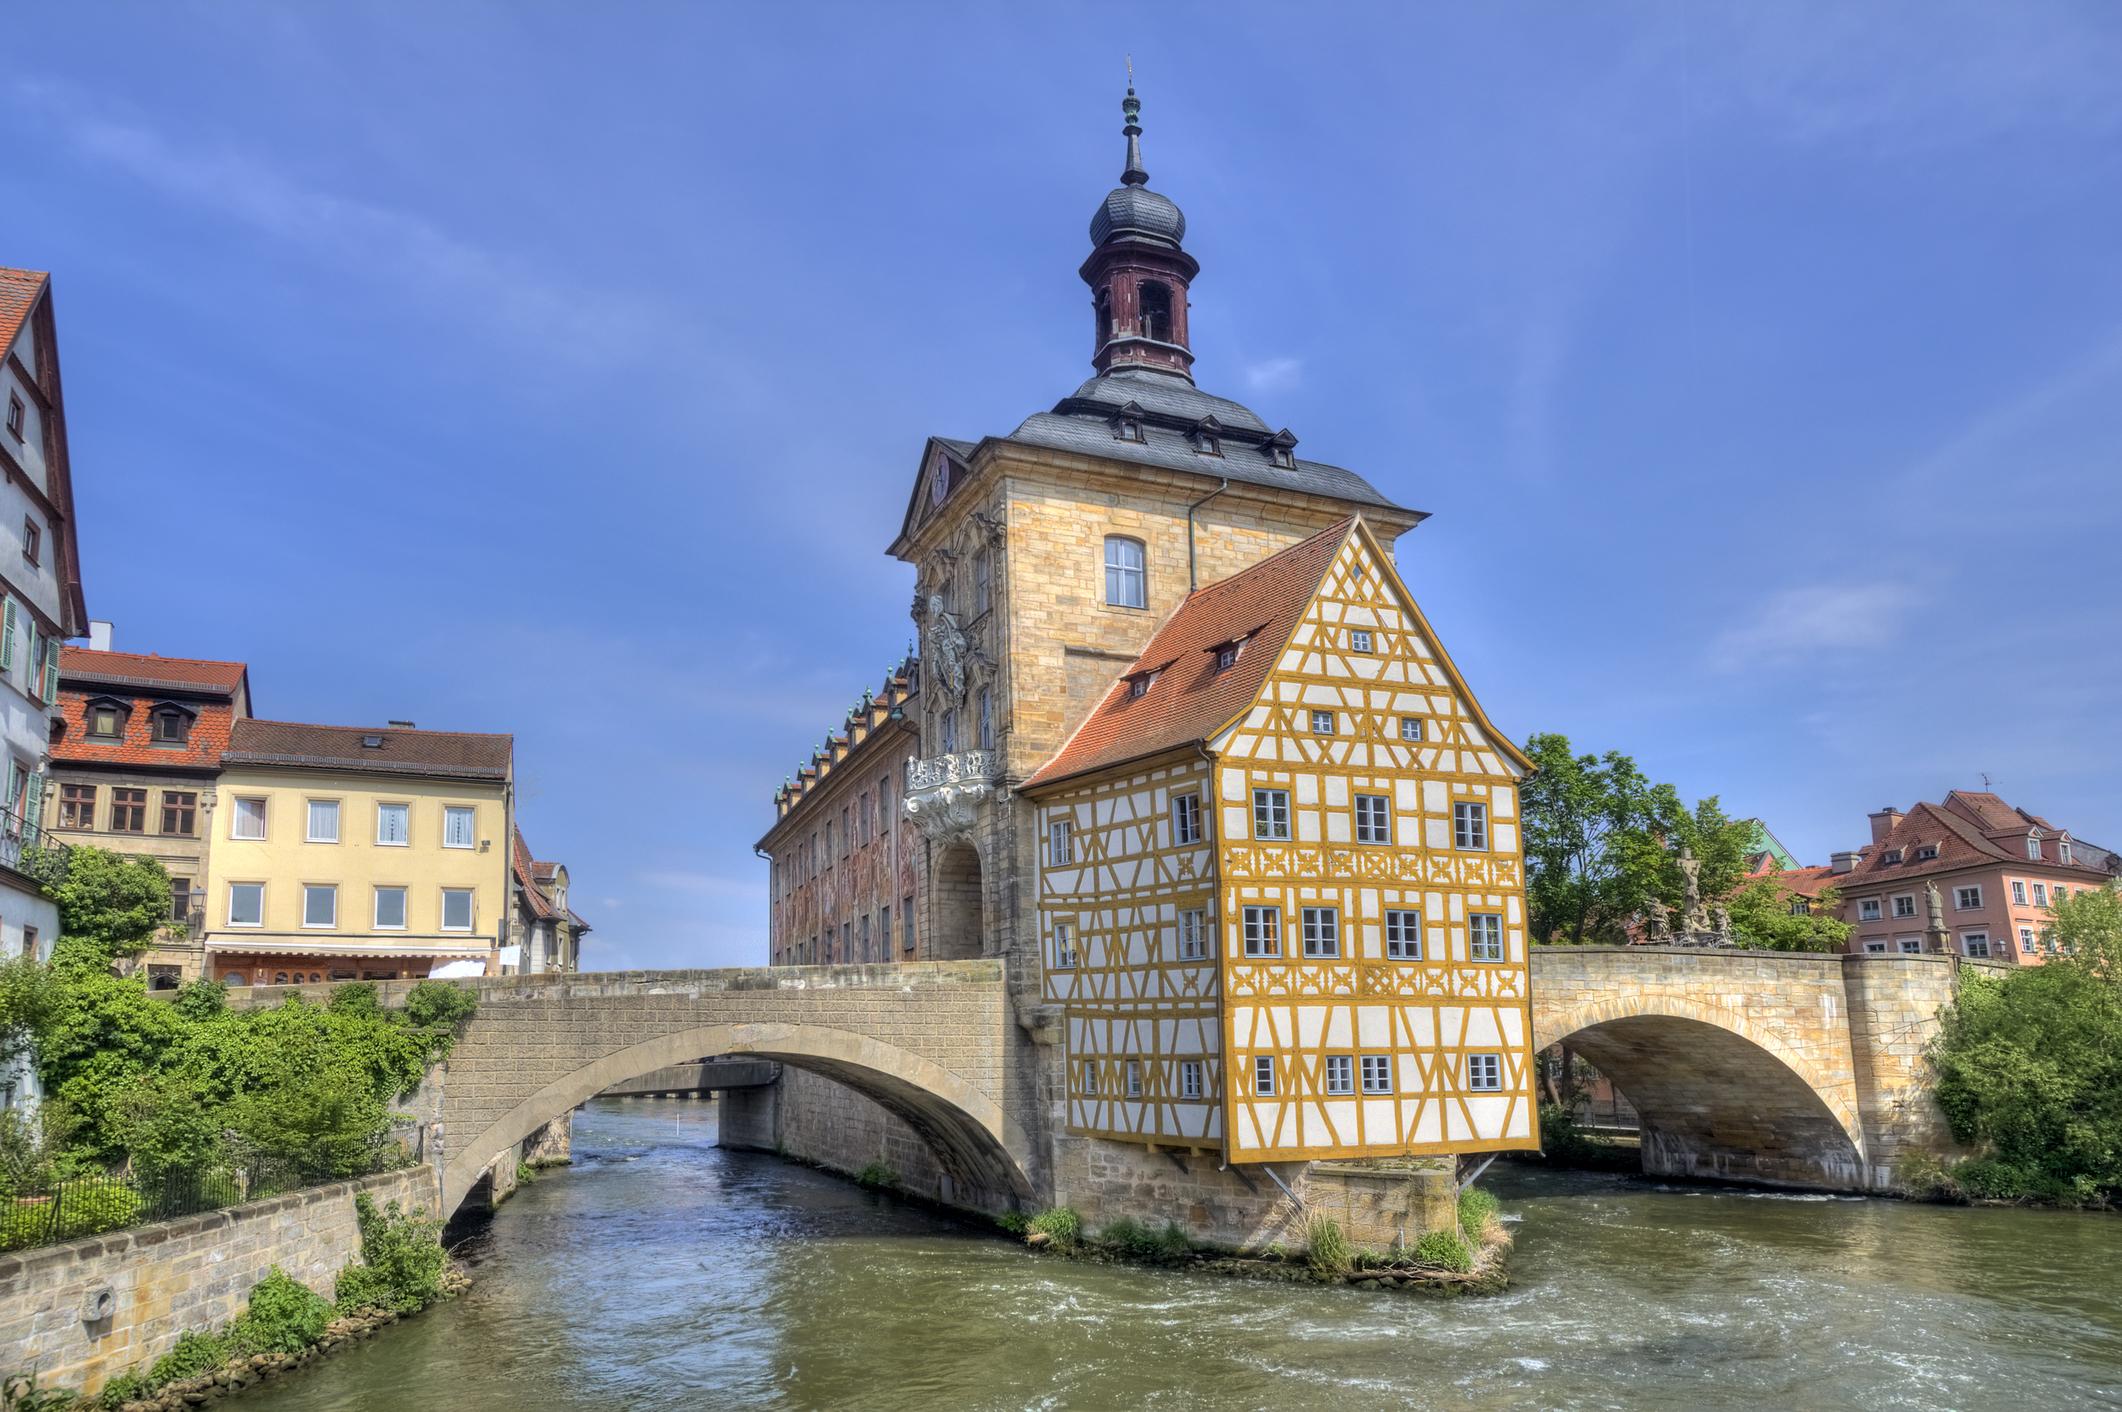 Bamberg-Germany-Bavarian-town.jpg?mtime=20190228121058#asset:105027